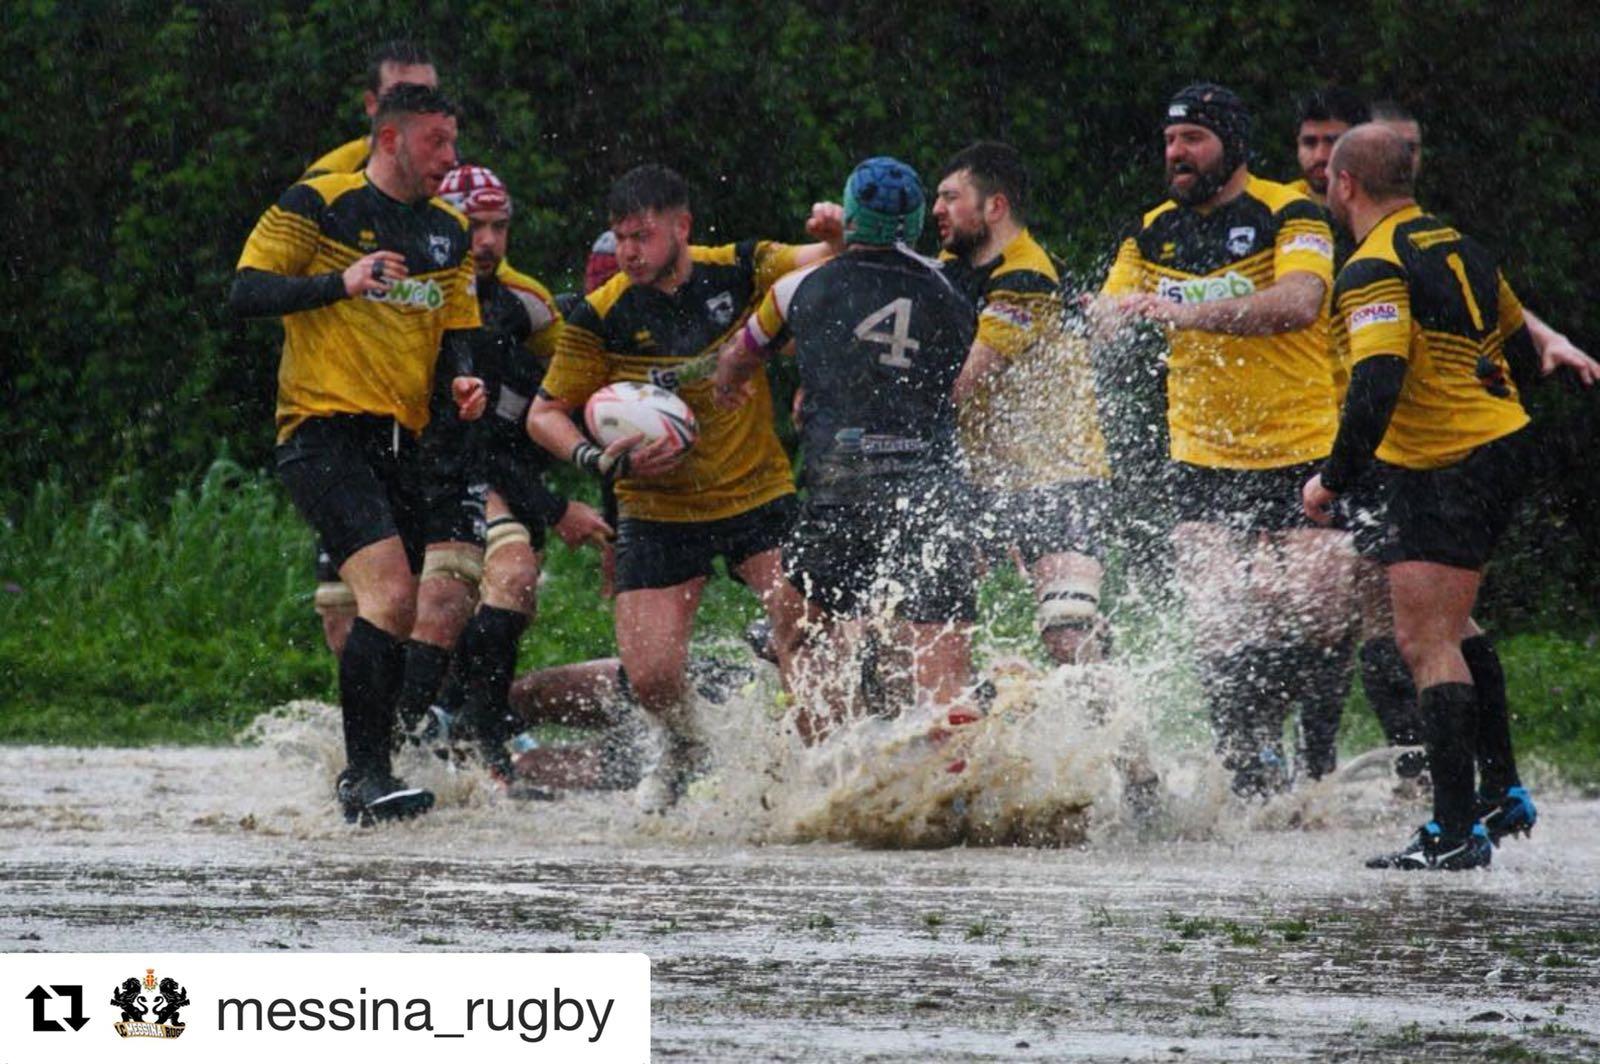 Rugby, sconfitta per l'Avezzano a Messina; il campionato riprenderà la prima domenica di aprile